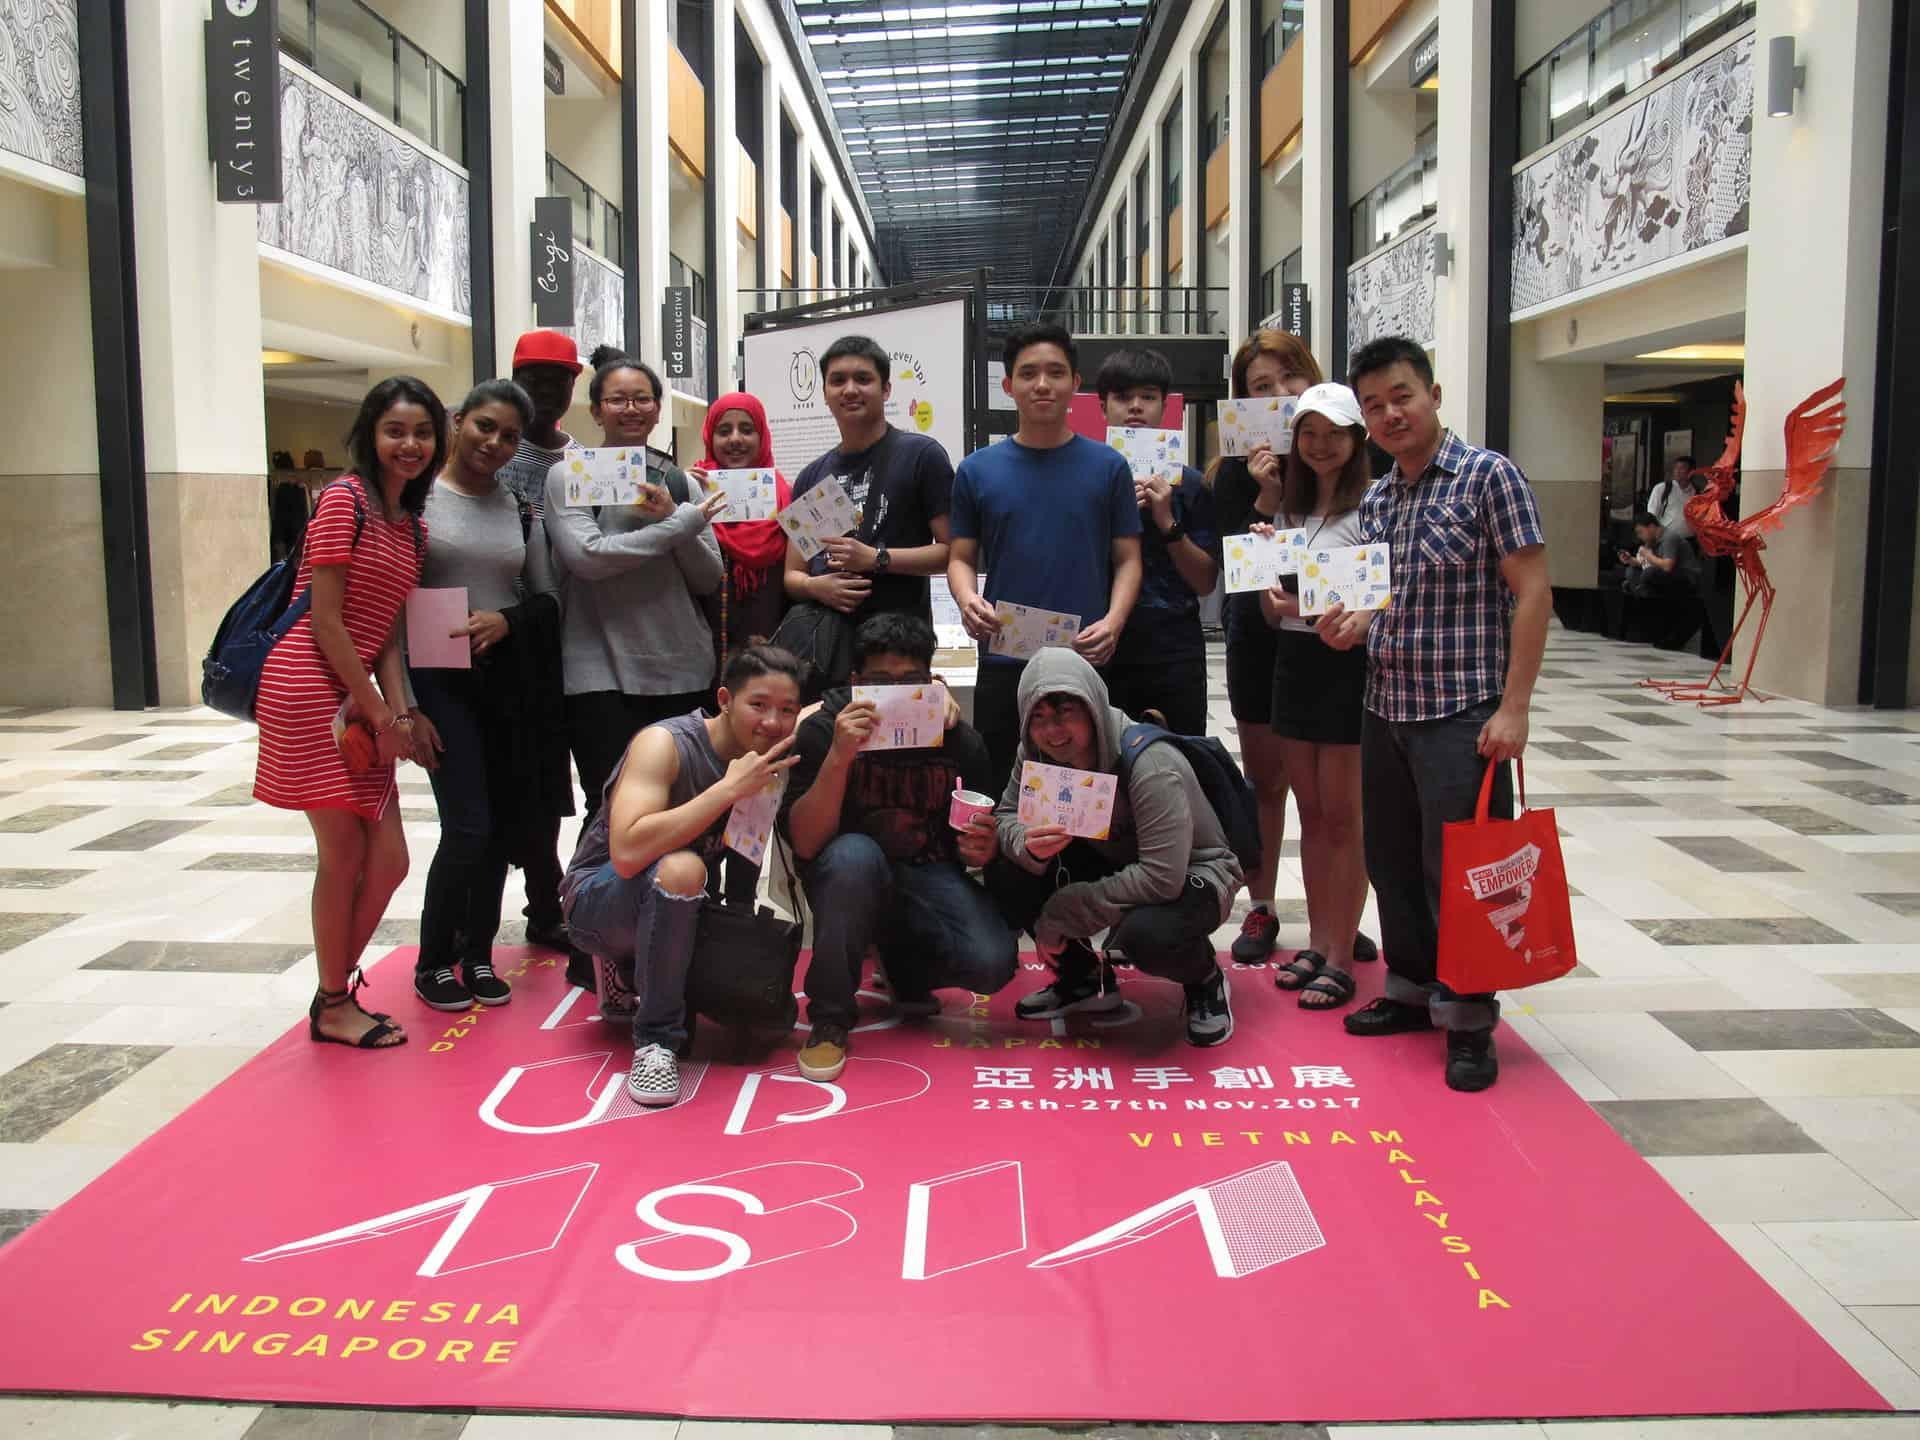 在Ninth Gallery做為亞洲手創展馬來西亞區域合作夥伴的協助之下,我們成功合作了多位來自馬來西亞的手創品牌,包括以手帳筆記本著名的Mossery,並聯名開發了以「讓喜歡的事成為生活」封面筆記本。同步經由Pop Up Asia Makers的比賽得獎者將透過Ninth Gallery參與亞洲手創展手創大人物台灣總決賽,也因此在這樣的機會下,許多來自馬來西亞的手創品牌積極參與並拓展台灣市場。